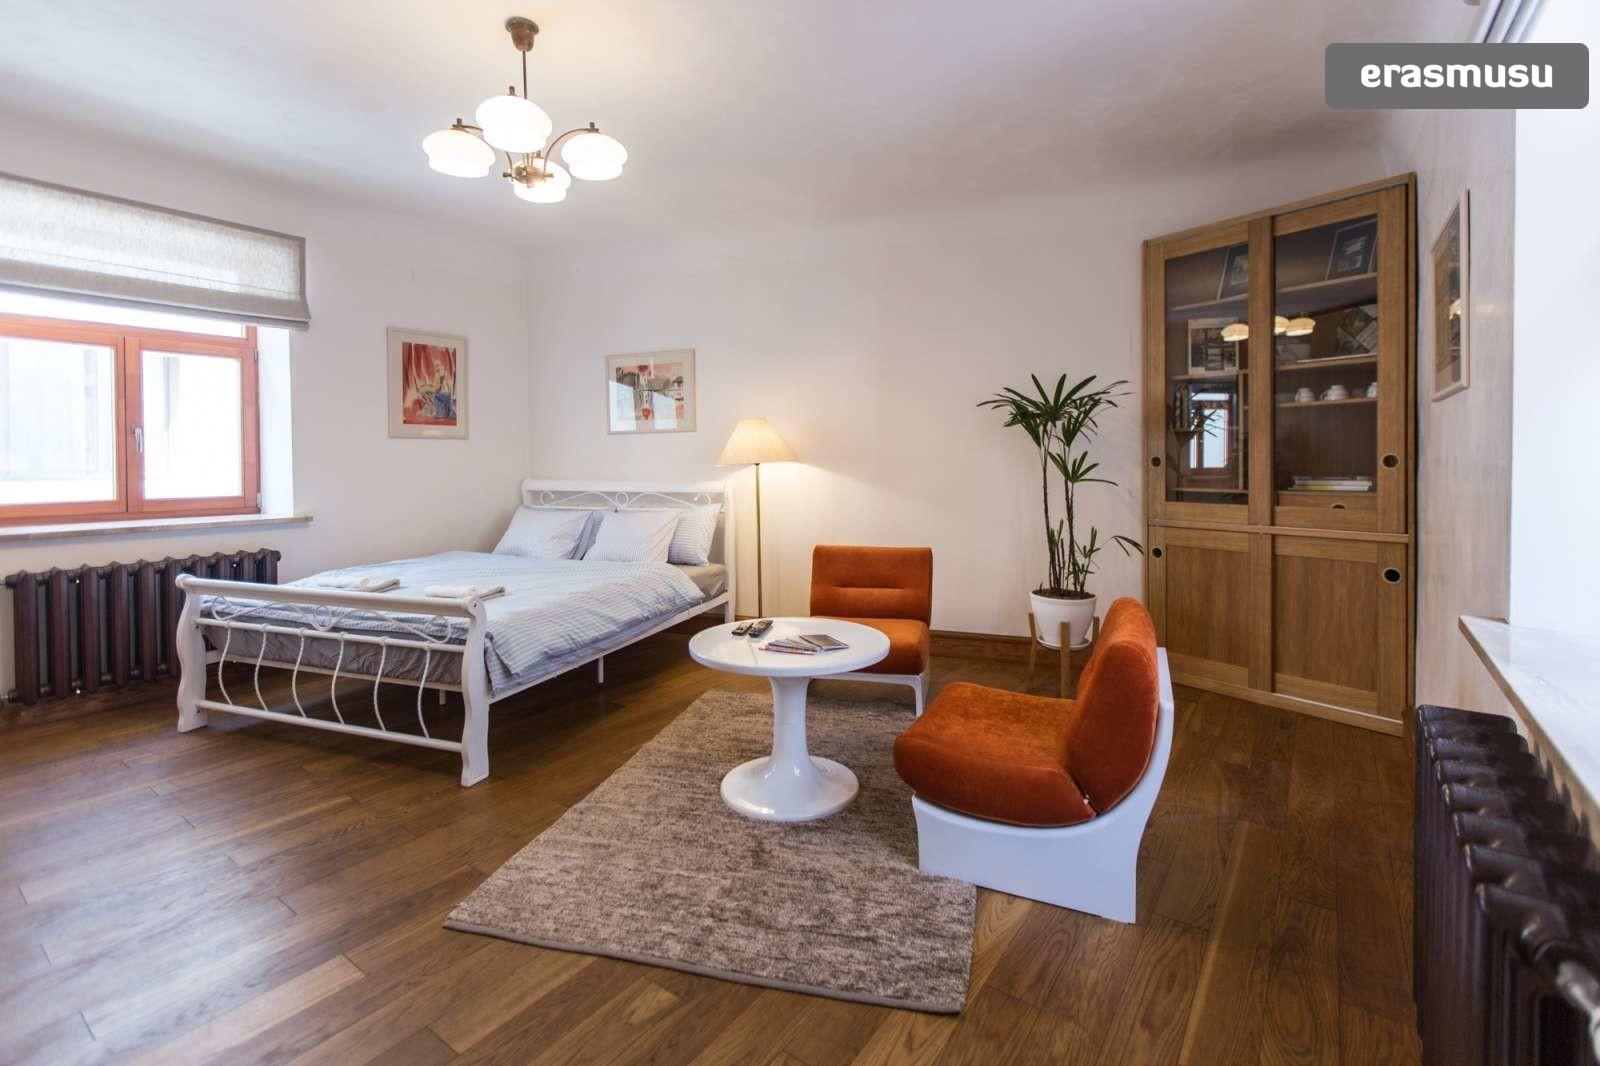 stylish-studio-apartment-rent-vecriga-faef9d2637b09d96721003c329